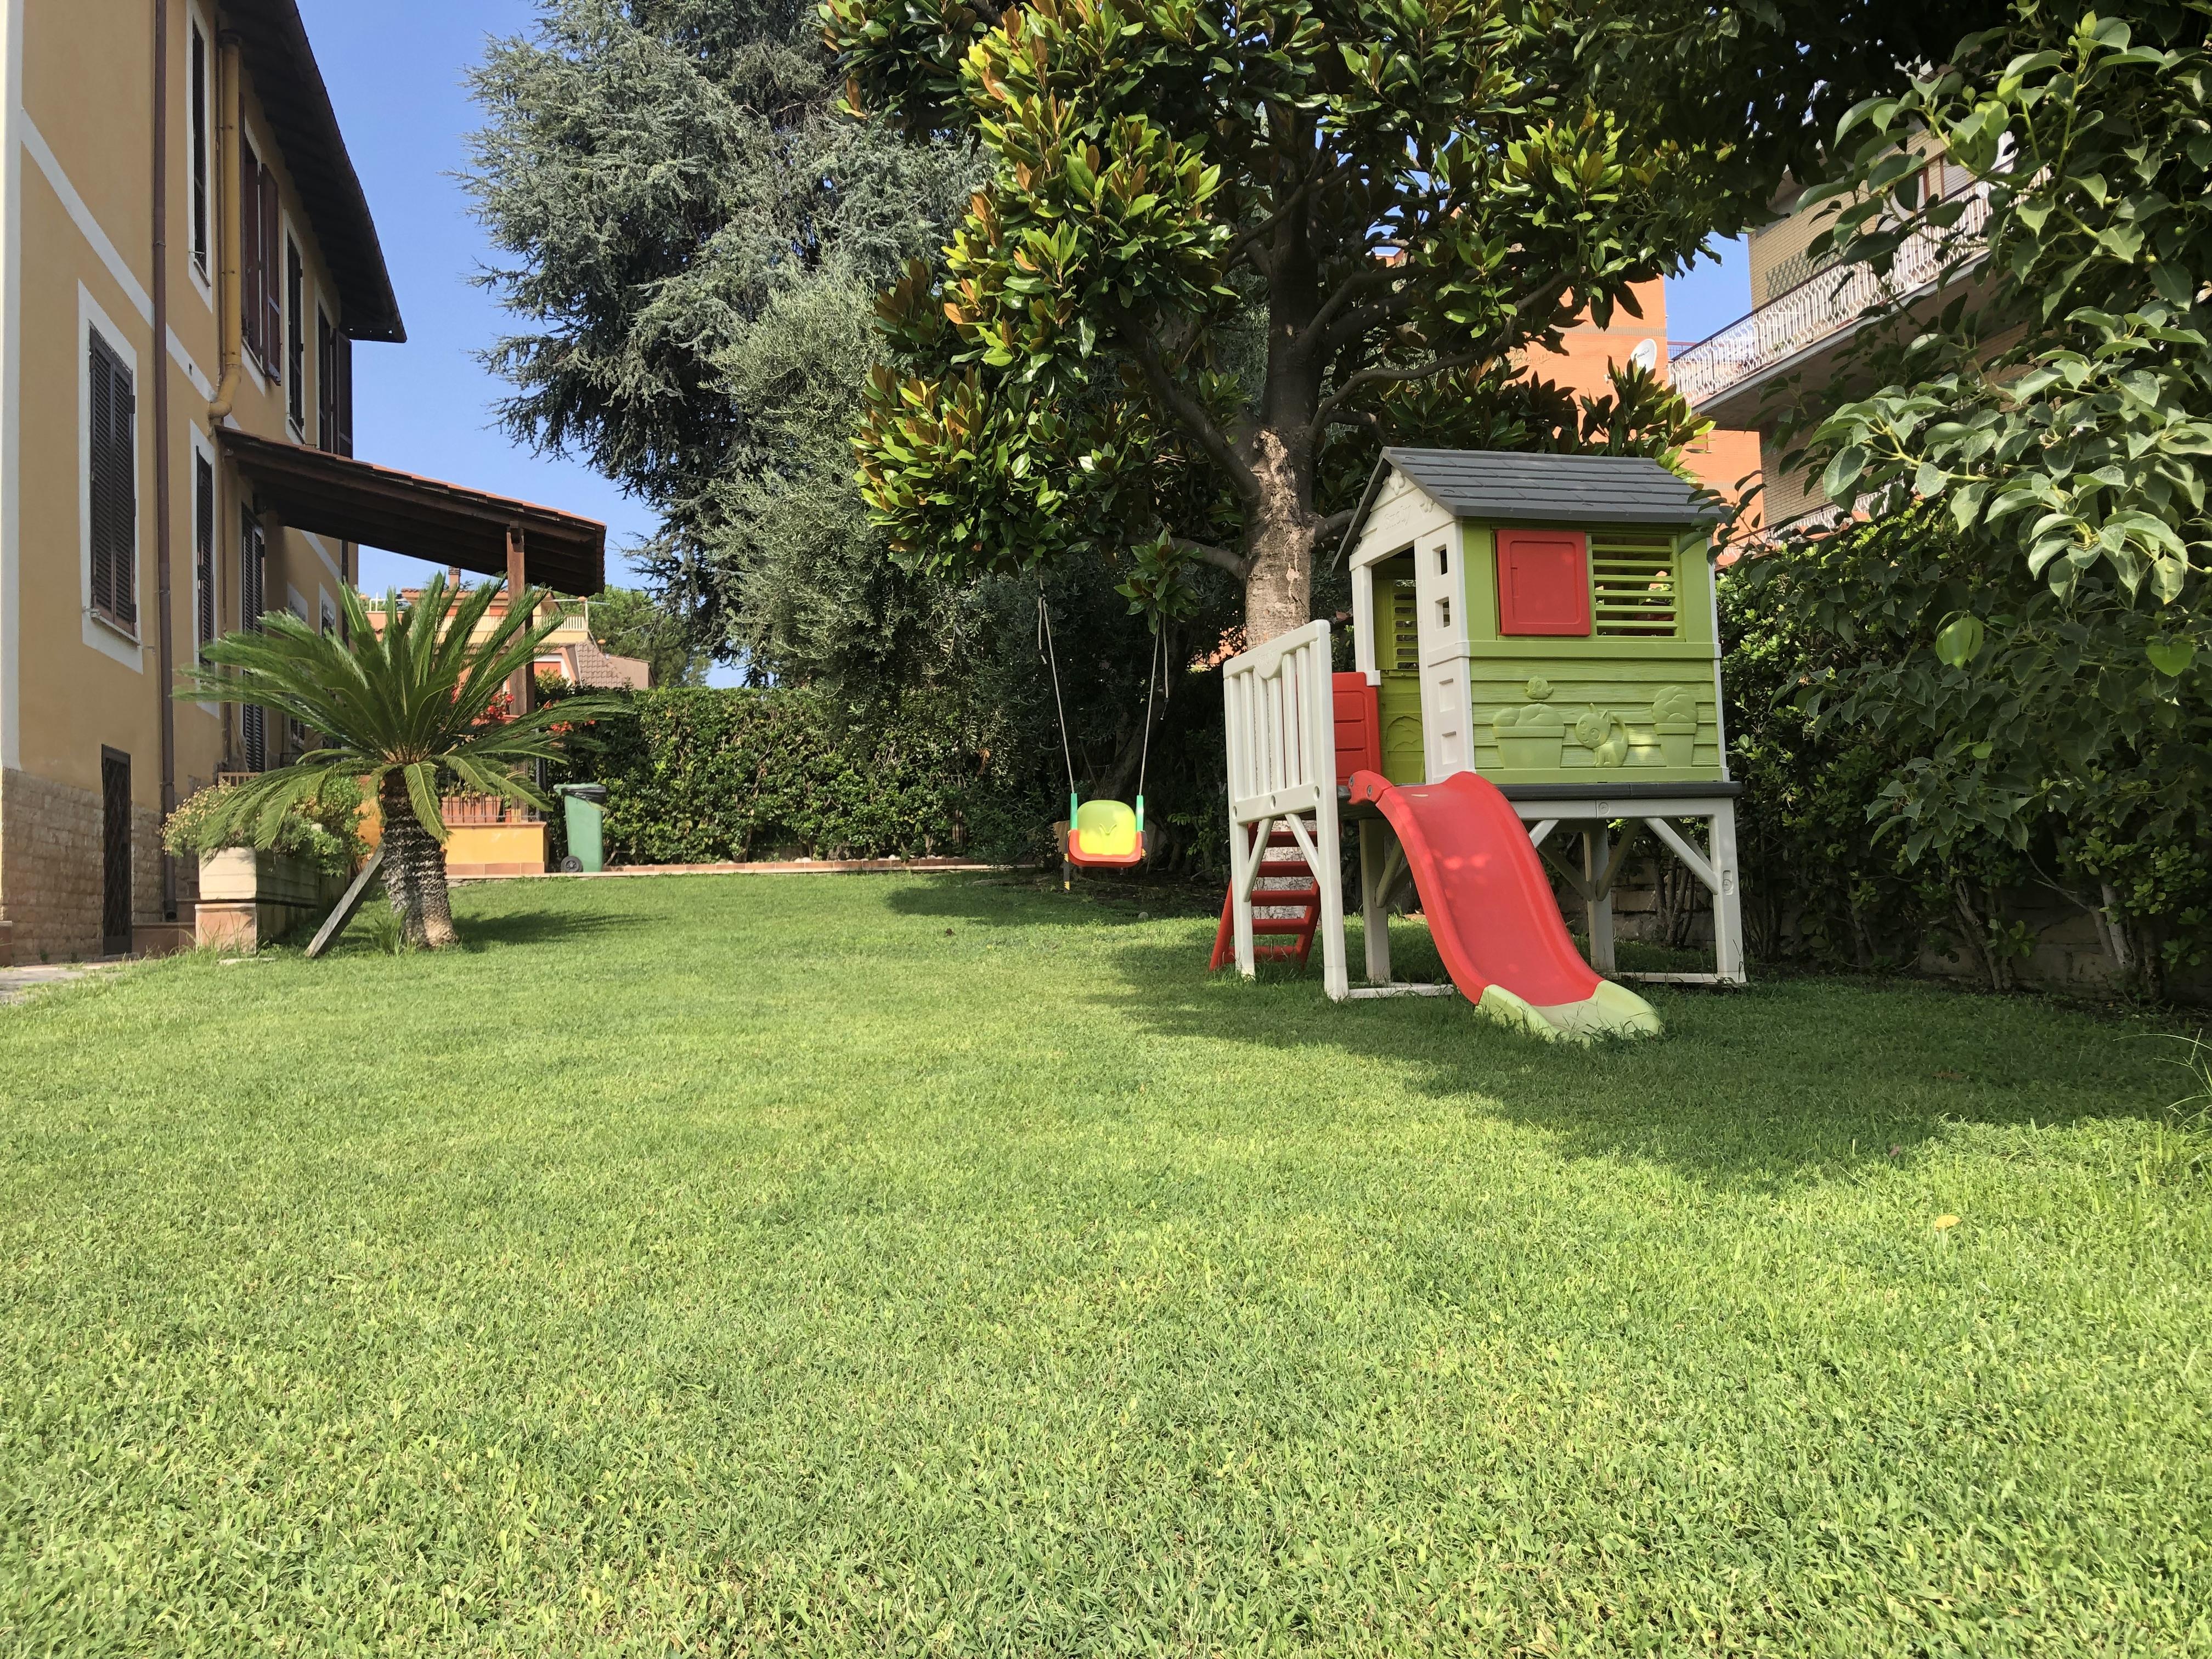 Terra Buona Per Giardino vendita all'ingrosso di terra vegetale da giardino. consegne